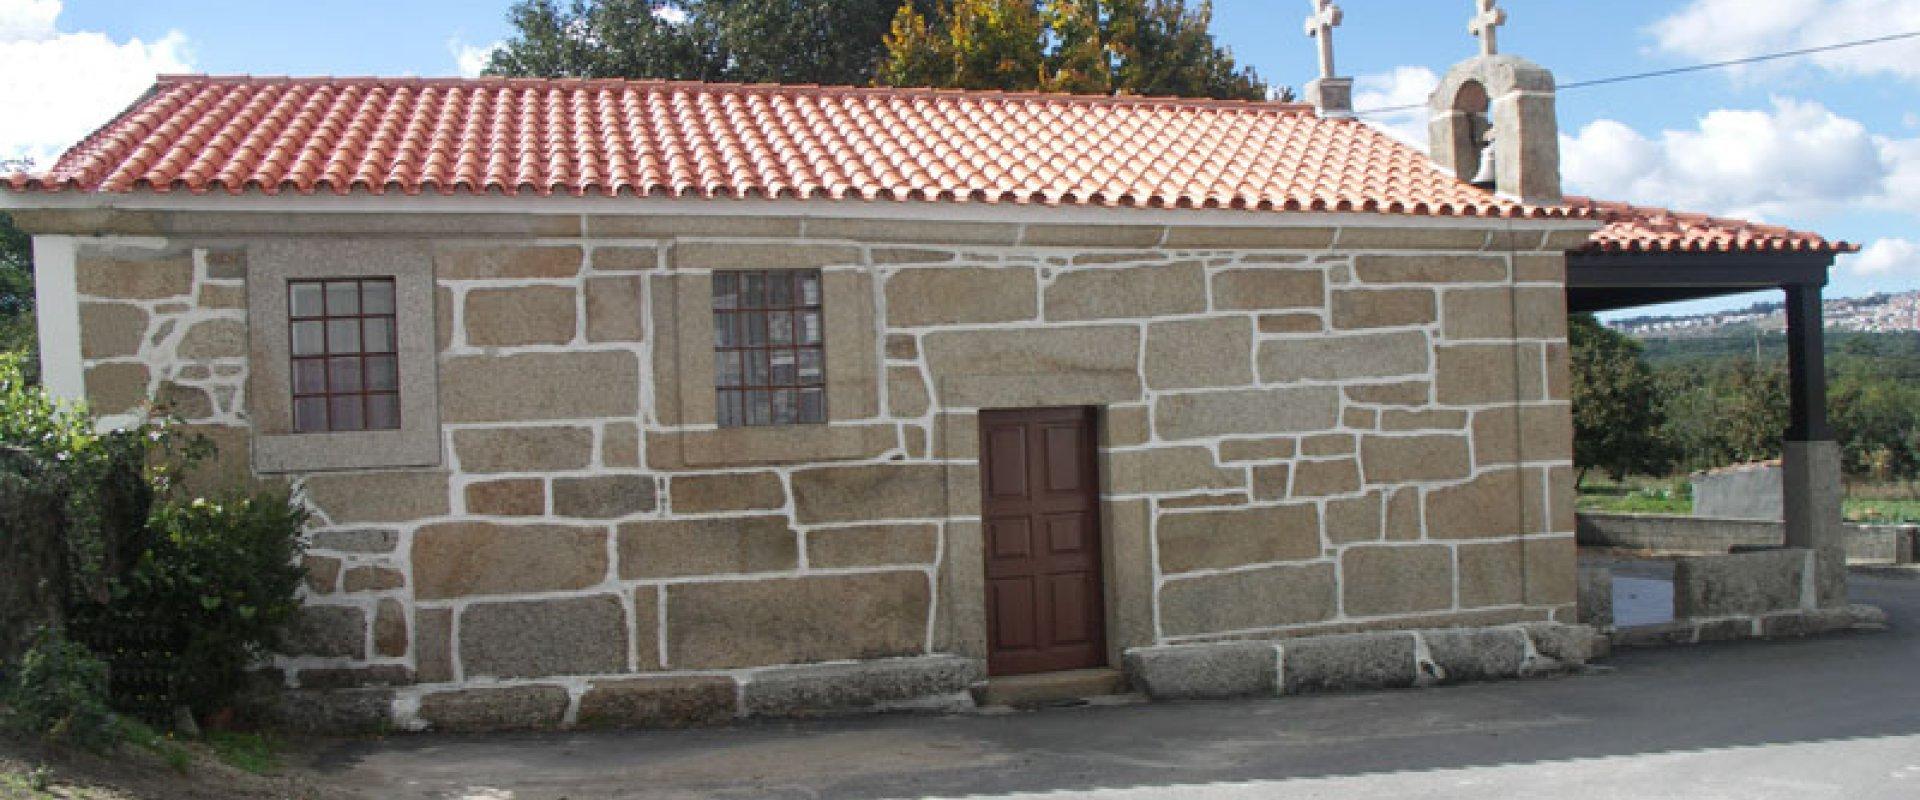 Quintazinha do Mouratão